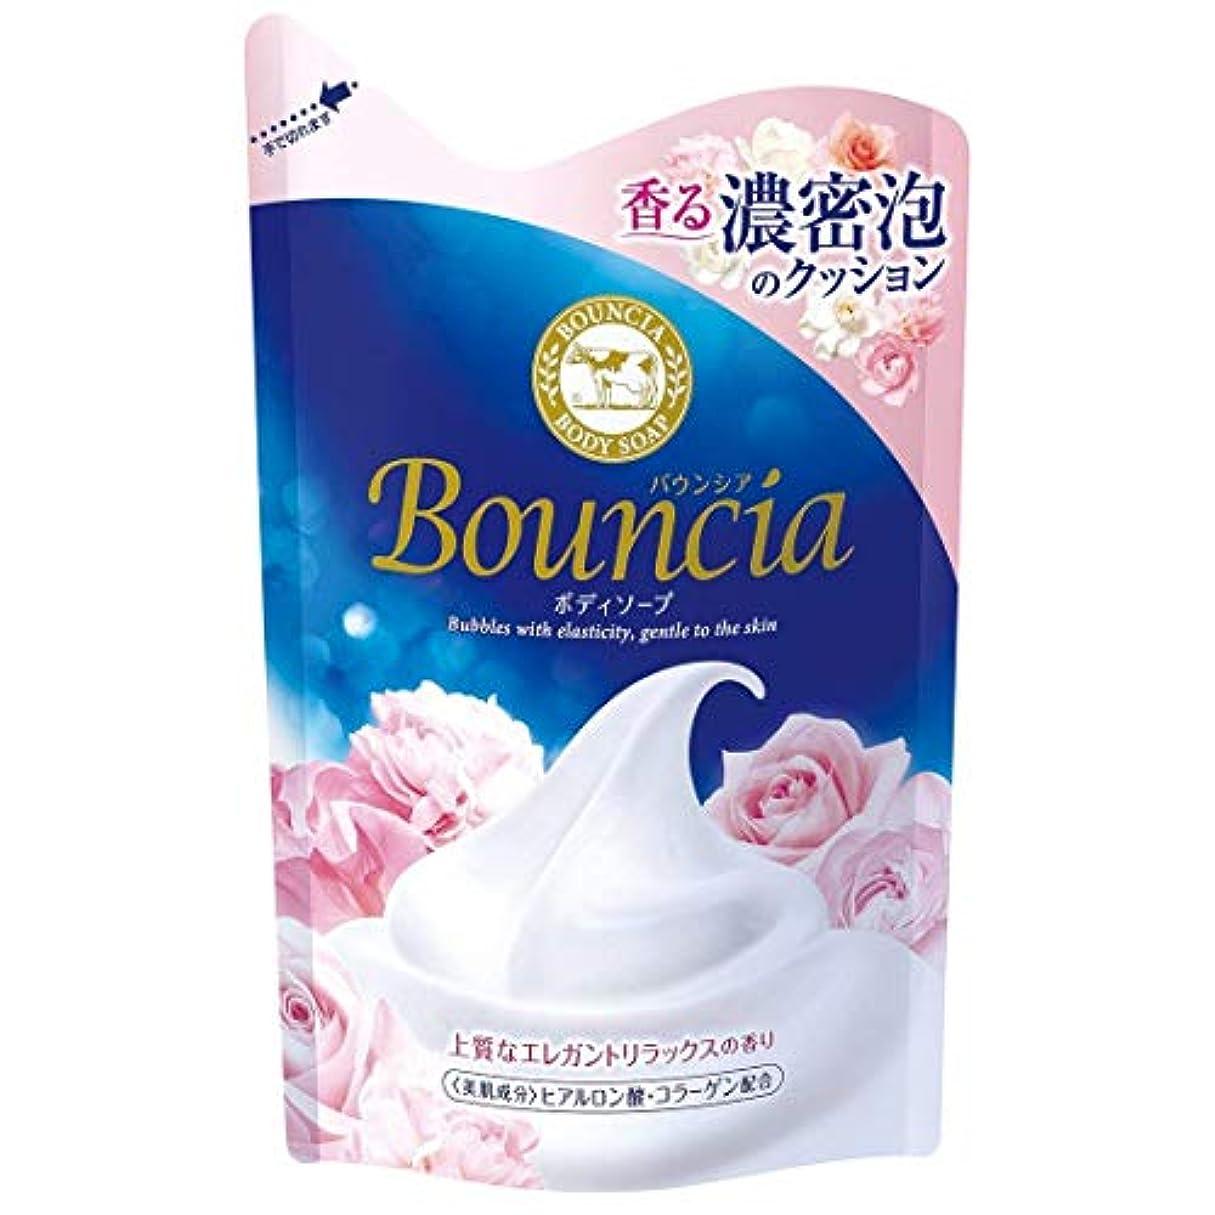 影響するベンチブラスト【まとめ買い】 バウンシア ボディソープ エレガントリラックスの香り つめかえ用 430ml × 3個